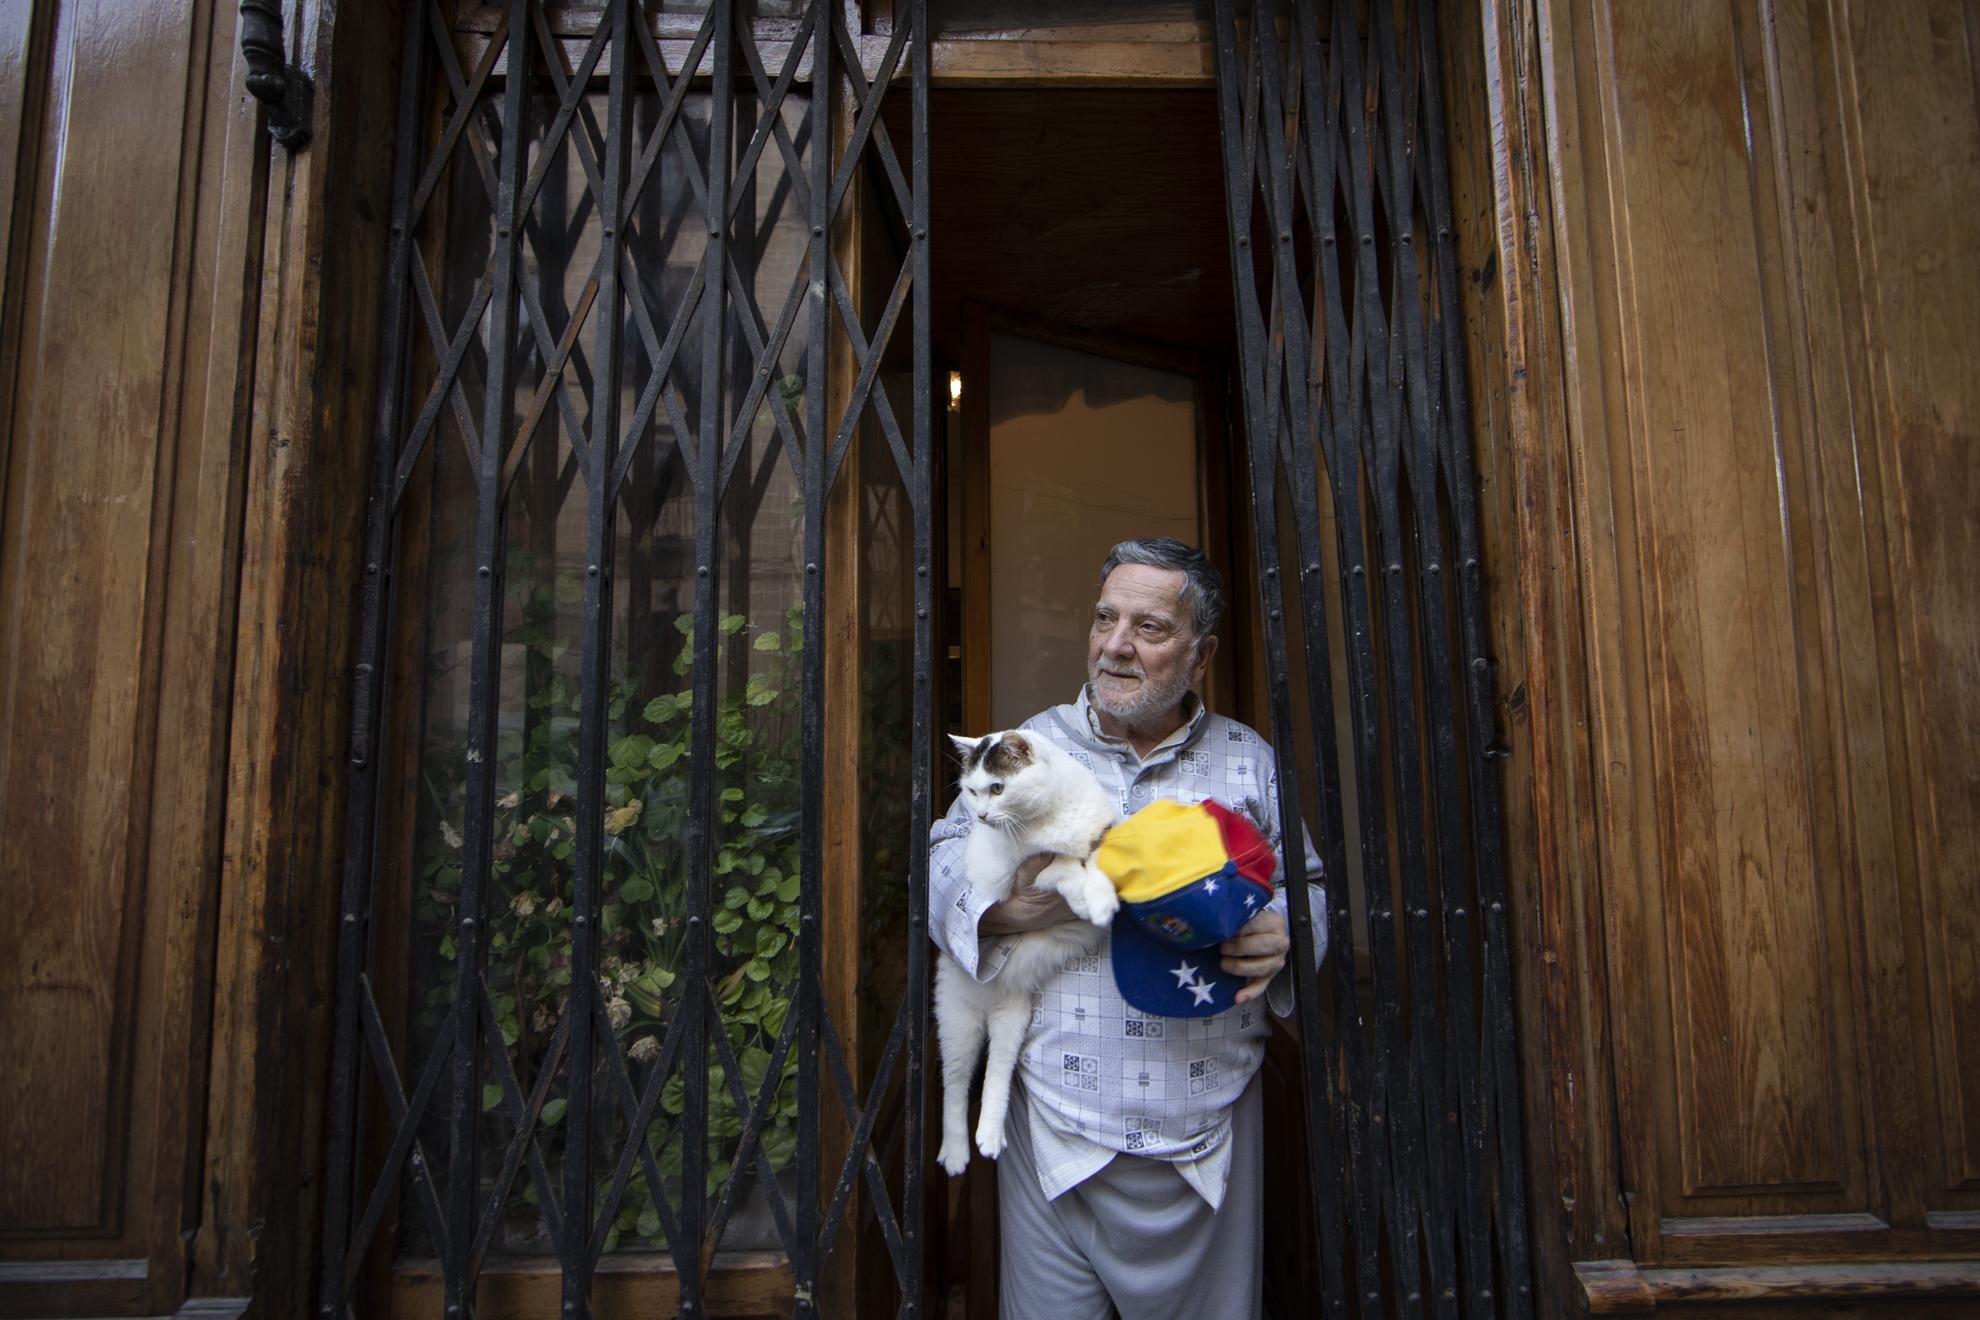 """Manolo (75) nació en Trujillo, pero lleva sesenta años viviendo en Madrid. Ha dedicado su vida a la enseñanza y ahora, jubilado, vive en un peculiar bajo de Lavapiés rodeado de secadores vintage y lavacabezas. El que es ahora su hogar, fue una peluquería histórica, y está protegida por Patrimonio, así que debe conservarse tal y como estaba. En la peluquería habitan también su mujer, su tía y su gata República Socialista, que no para de maullar durante toda la entrevista. Y es que Manolo ha reivindicado siempre sus ideales, incluso a la hora de bautizar a su amiga de cuatro patas, que por cierto es la gata más famosa del barrio. Ahora que ha pasado lo peor del Covid-19, Manolo sólo quiere """"seguir con su vida de lucha"""", como ha hecho siempre. Esa era su antigua normalidad y será la nueva también."""